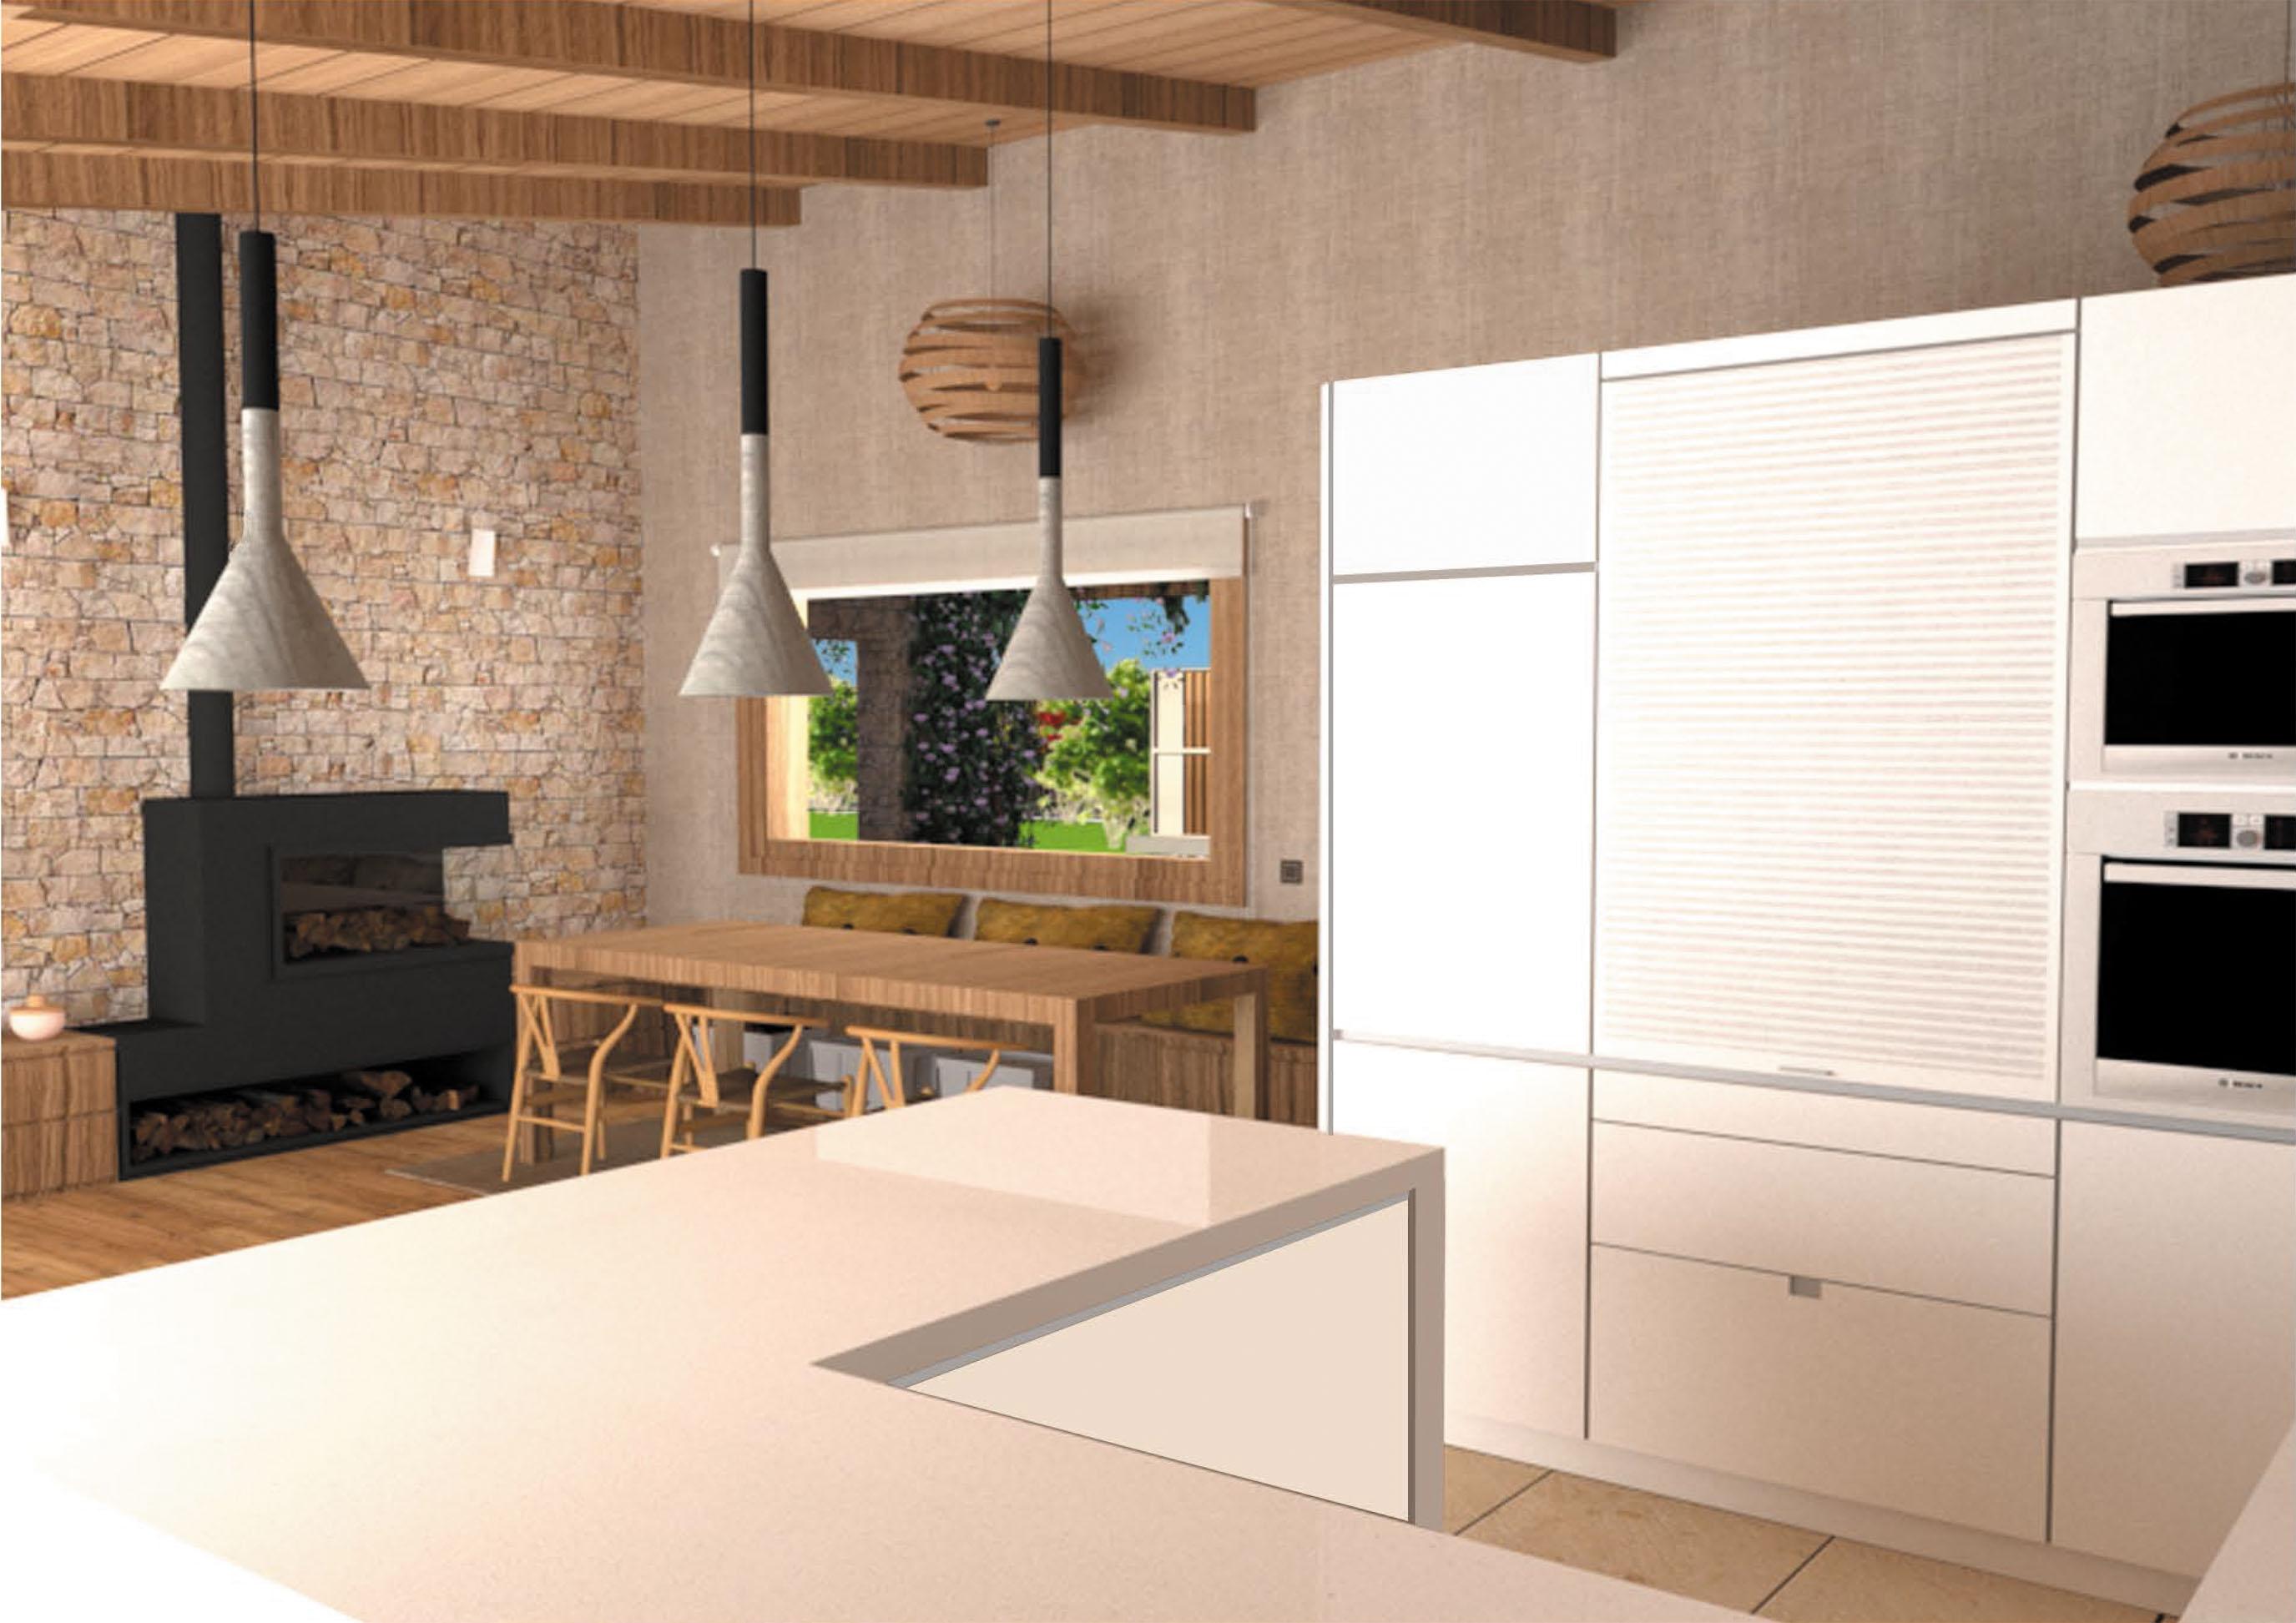 Obra nueva cocina y salón para una vivienda unifamiliar en Gijón